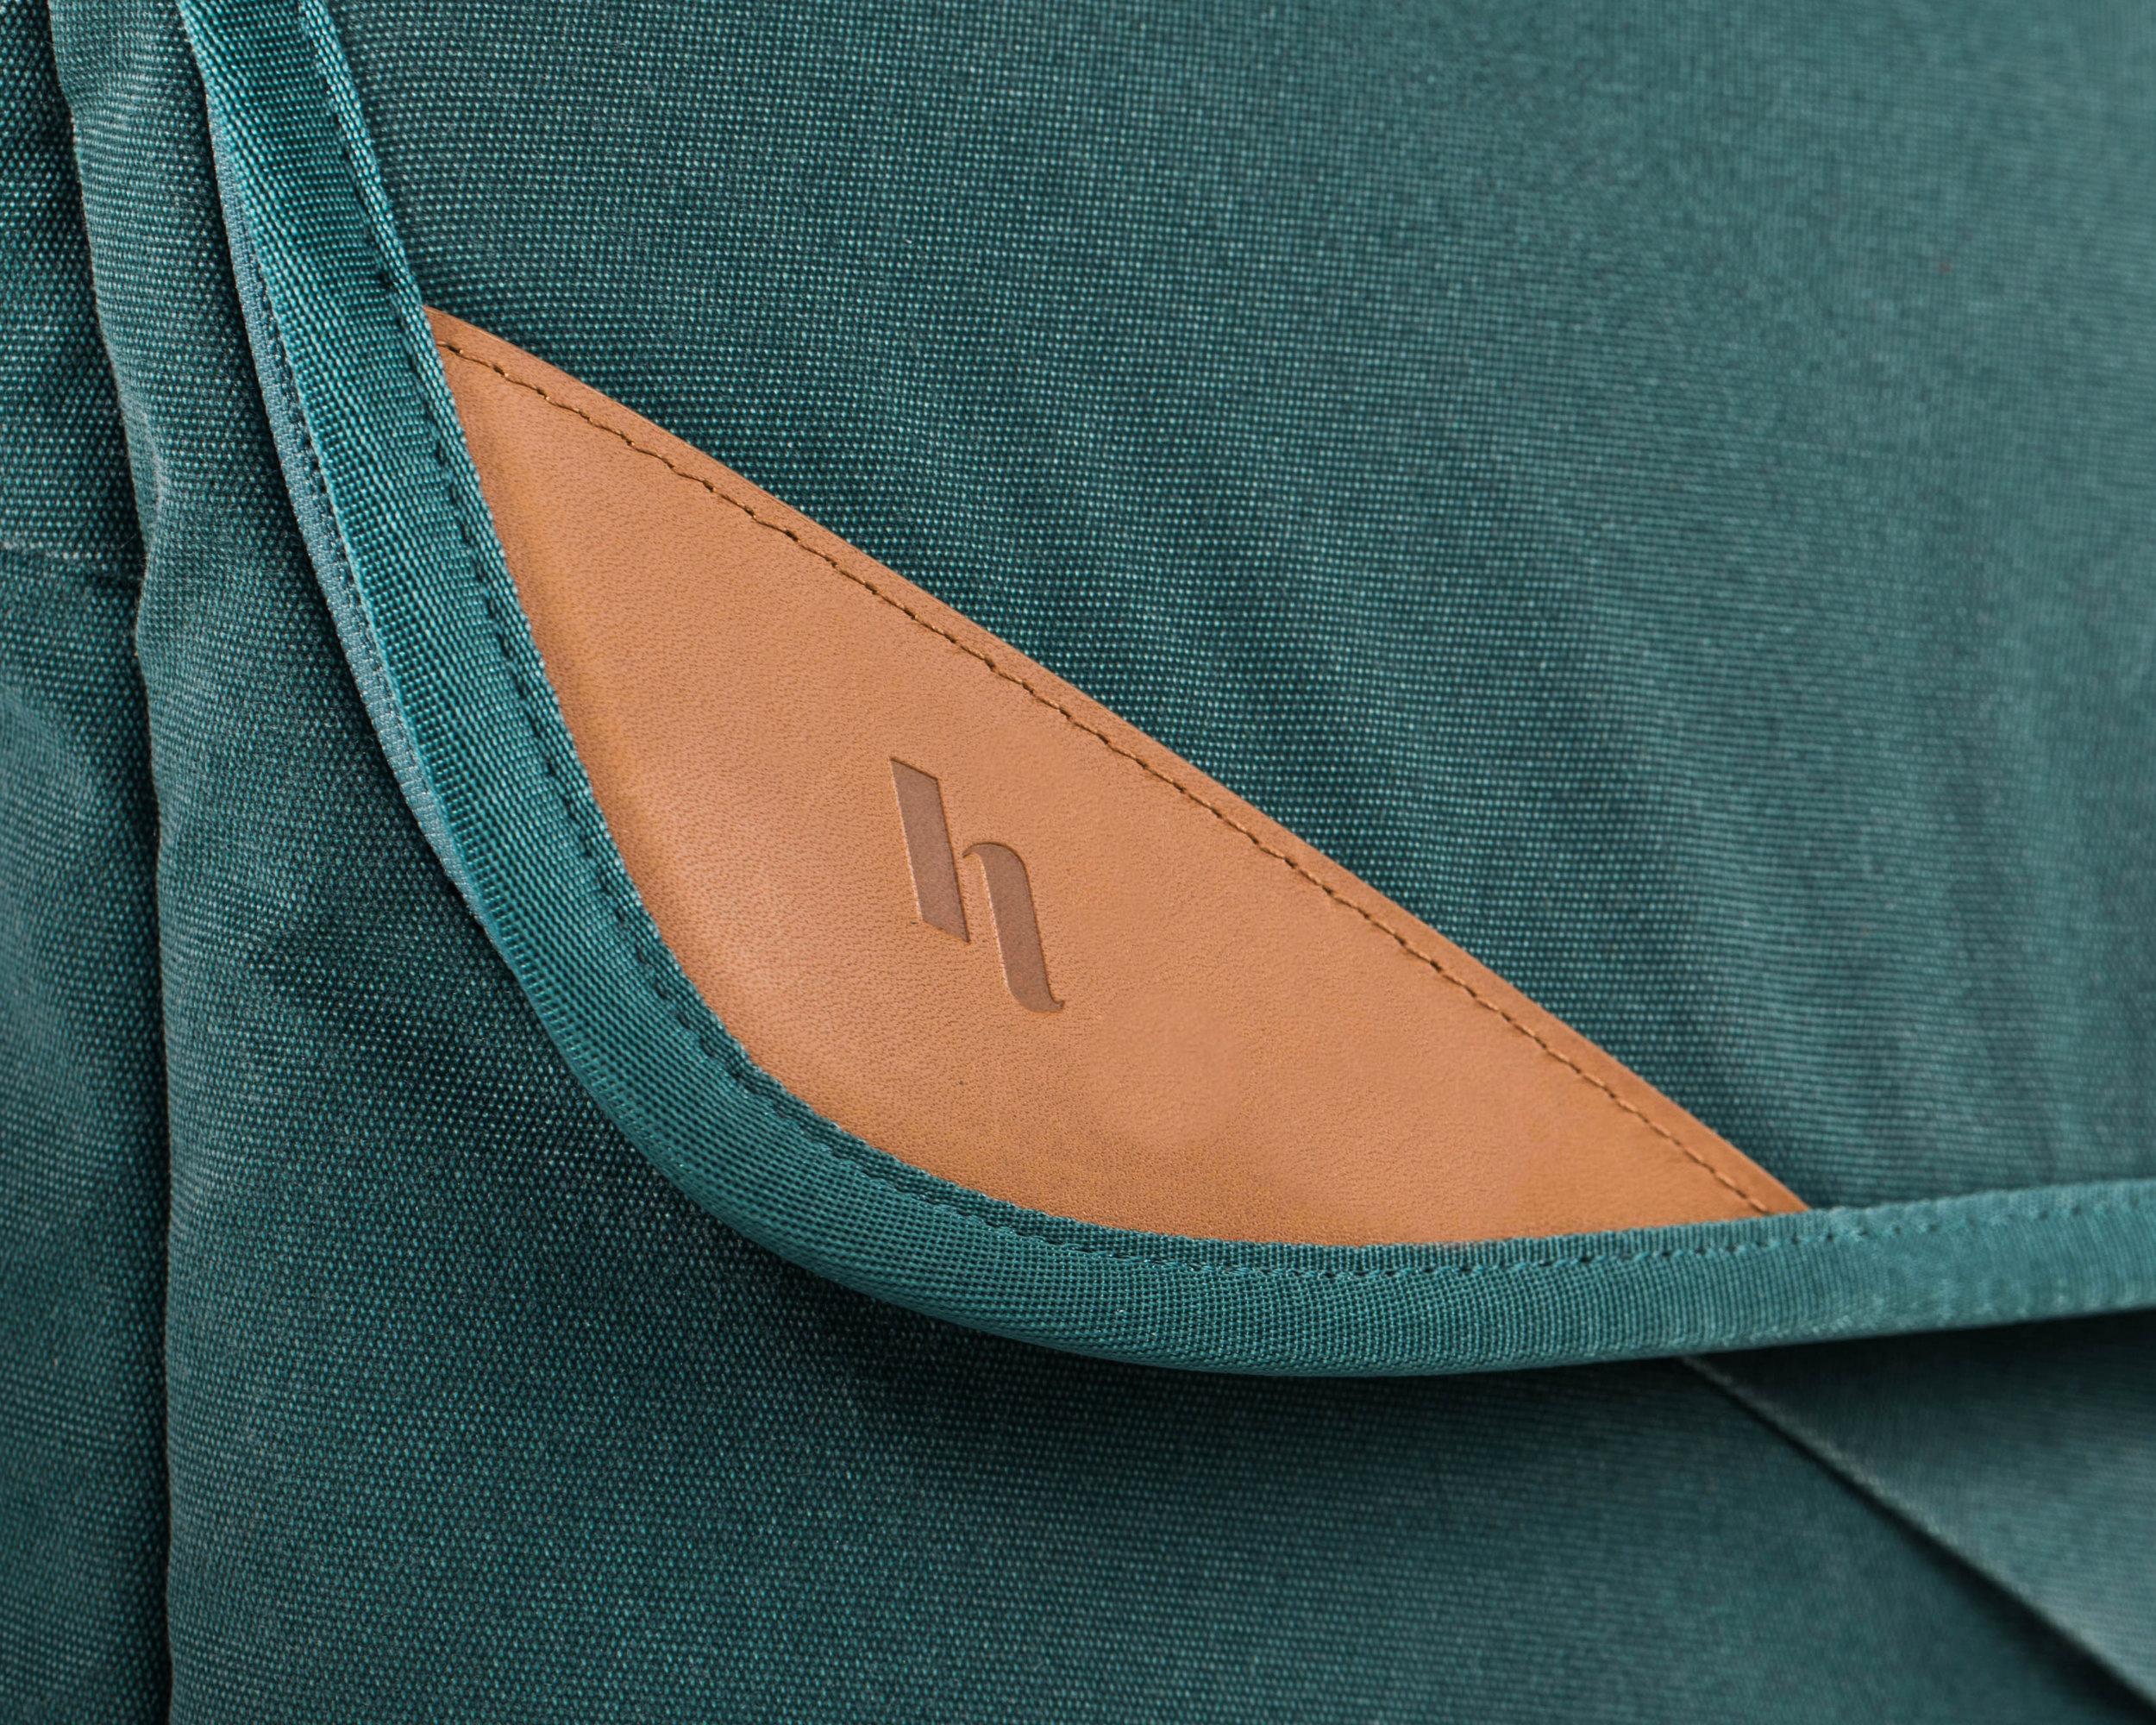 Enlisted_Web_Holdland_Bag_Photo_FlapGreen_V1.jpg